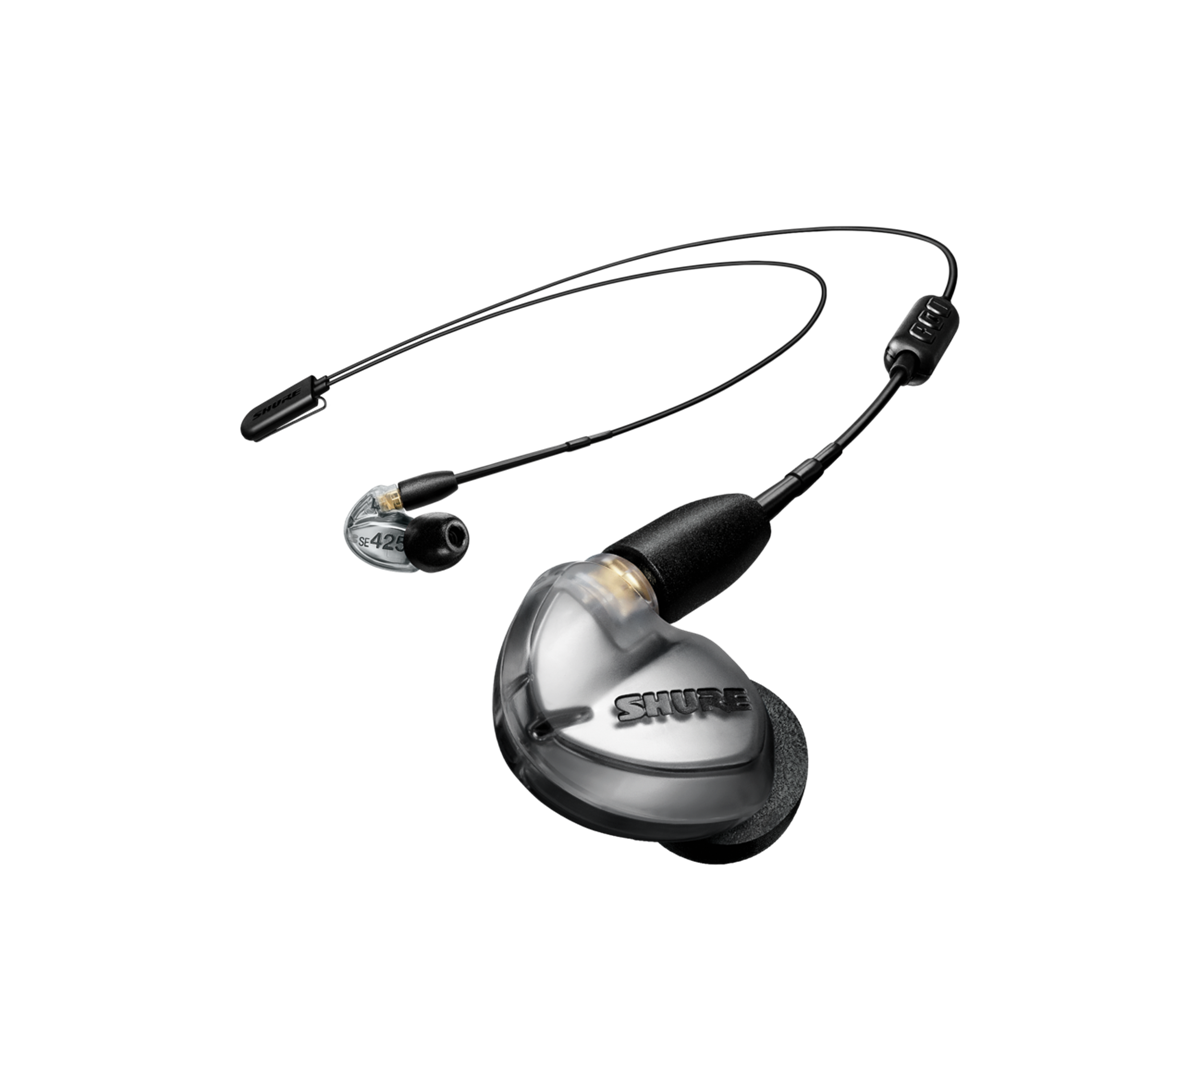 Shure SE425 earphone w/ RMCE-BT2 Bluetooth SILVER